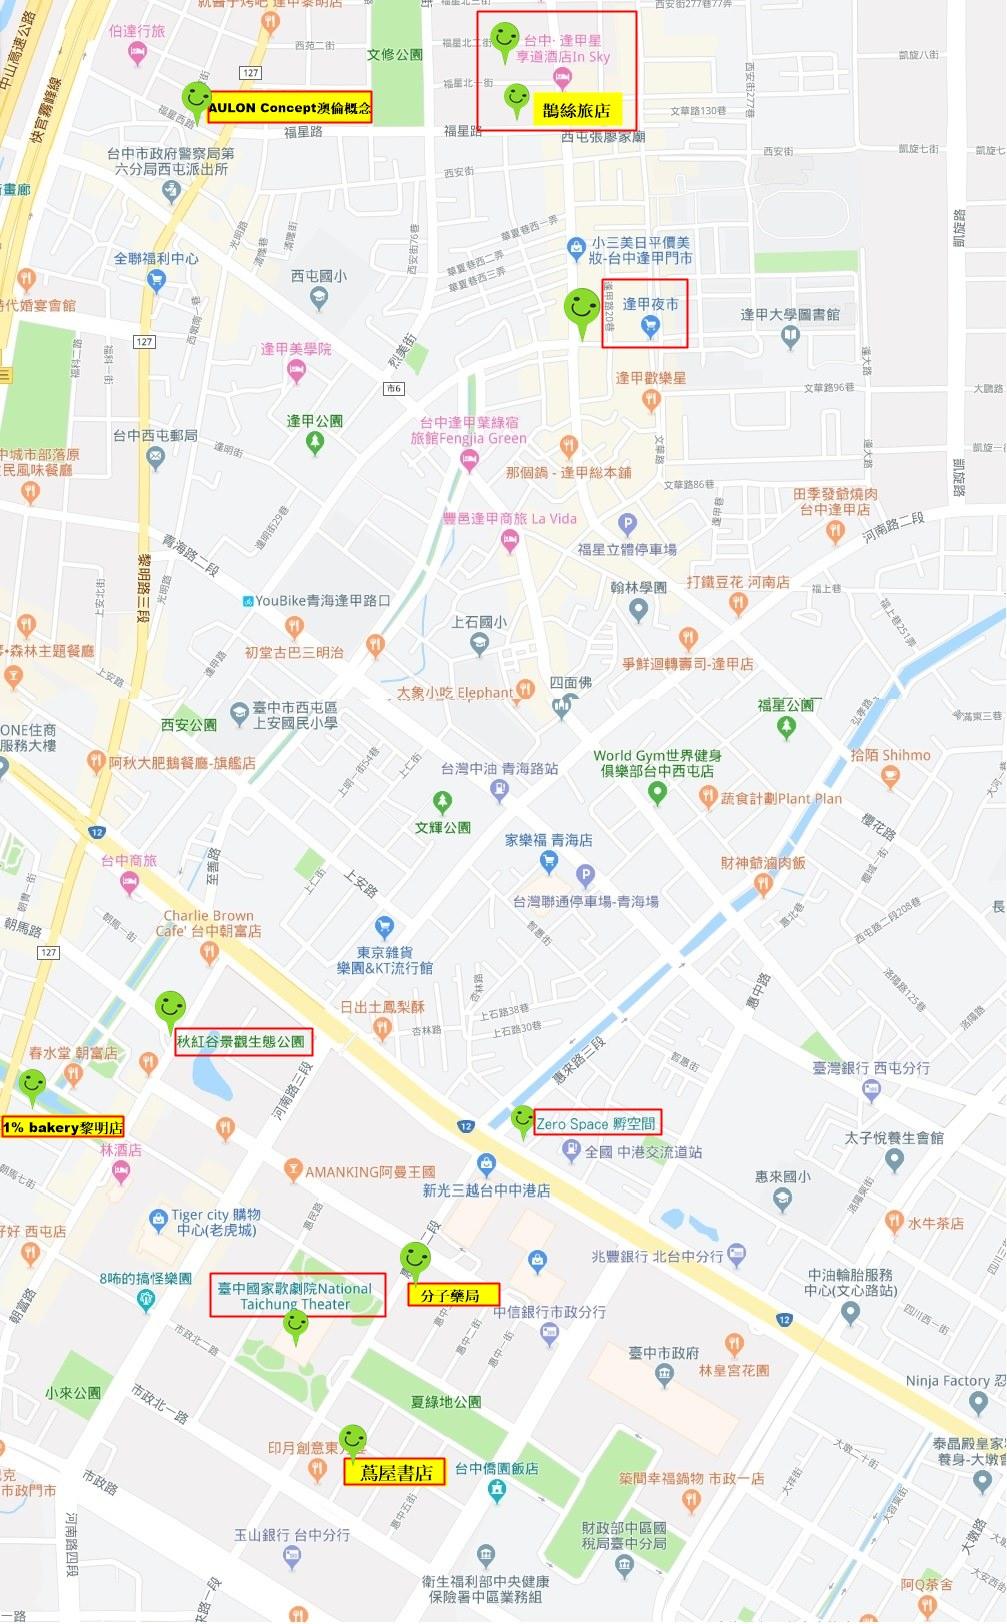 台中西屯區一日遊